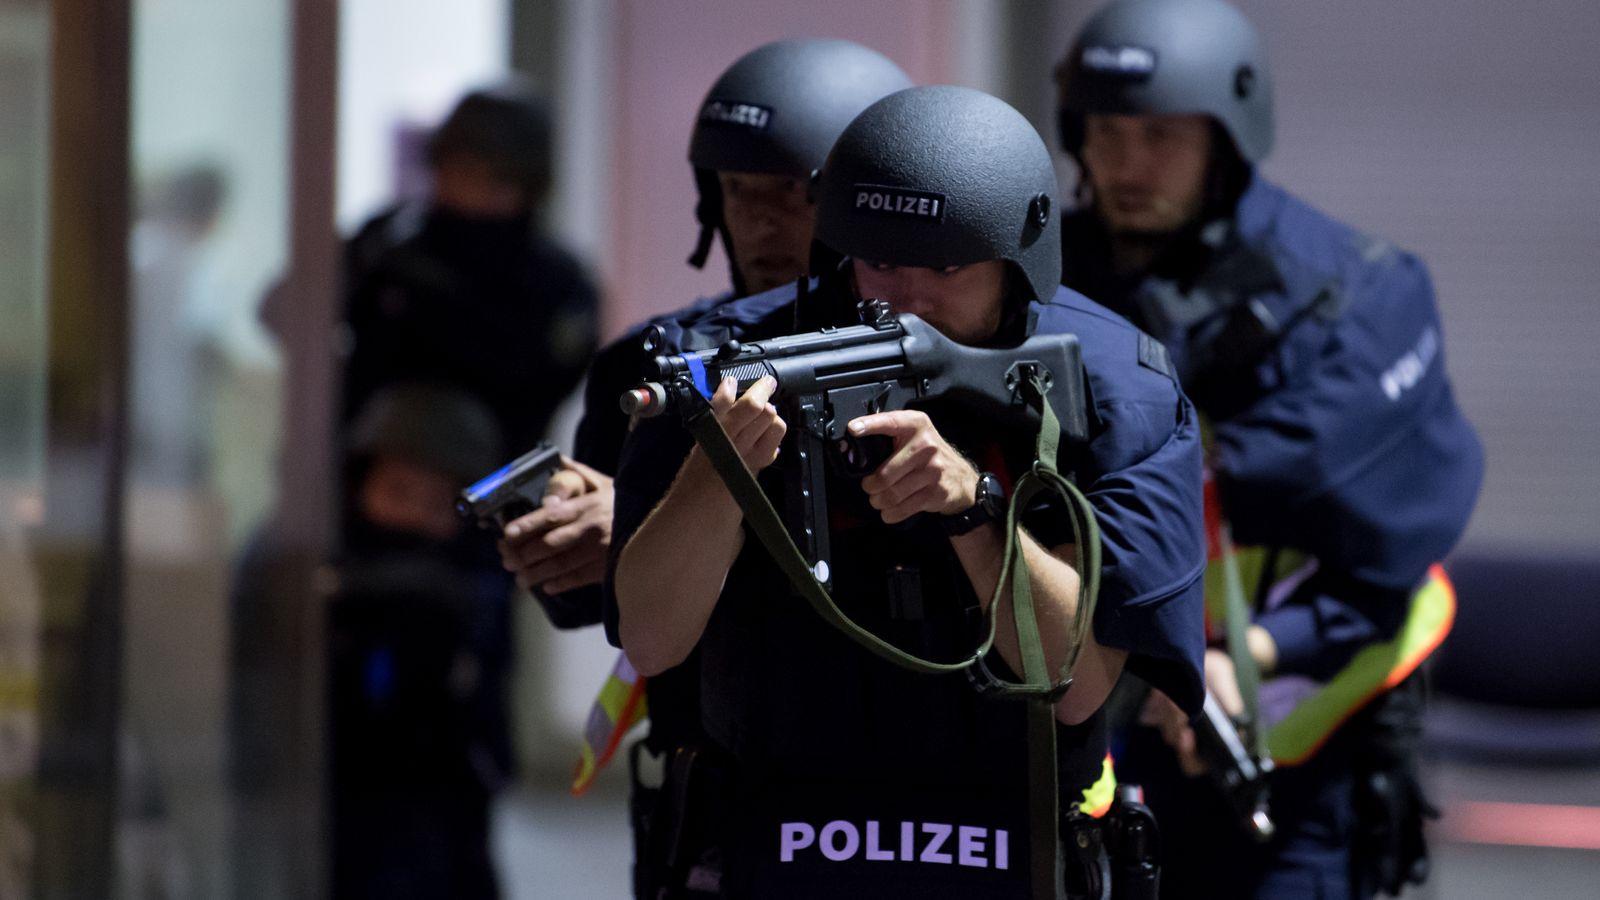 Polizeimeldung Nürnberg